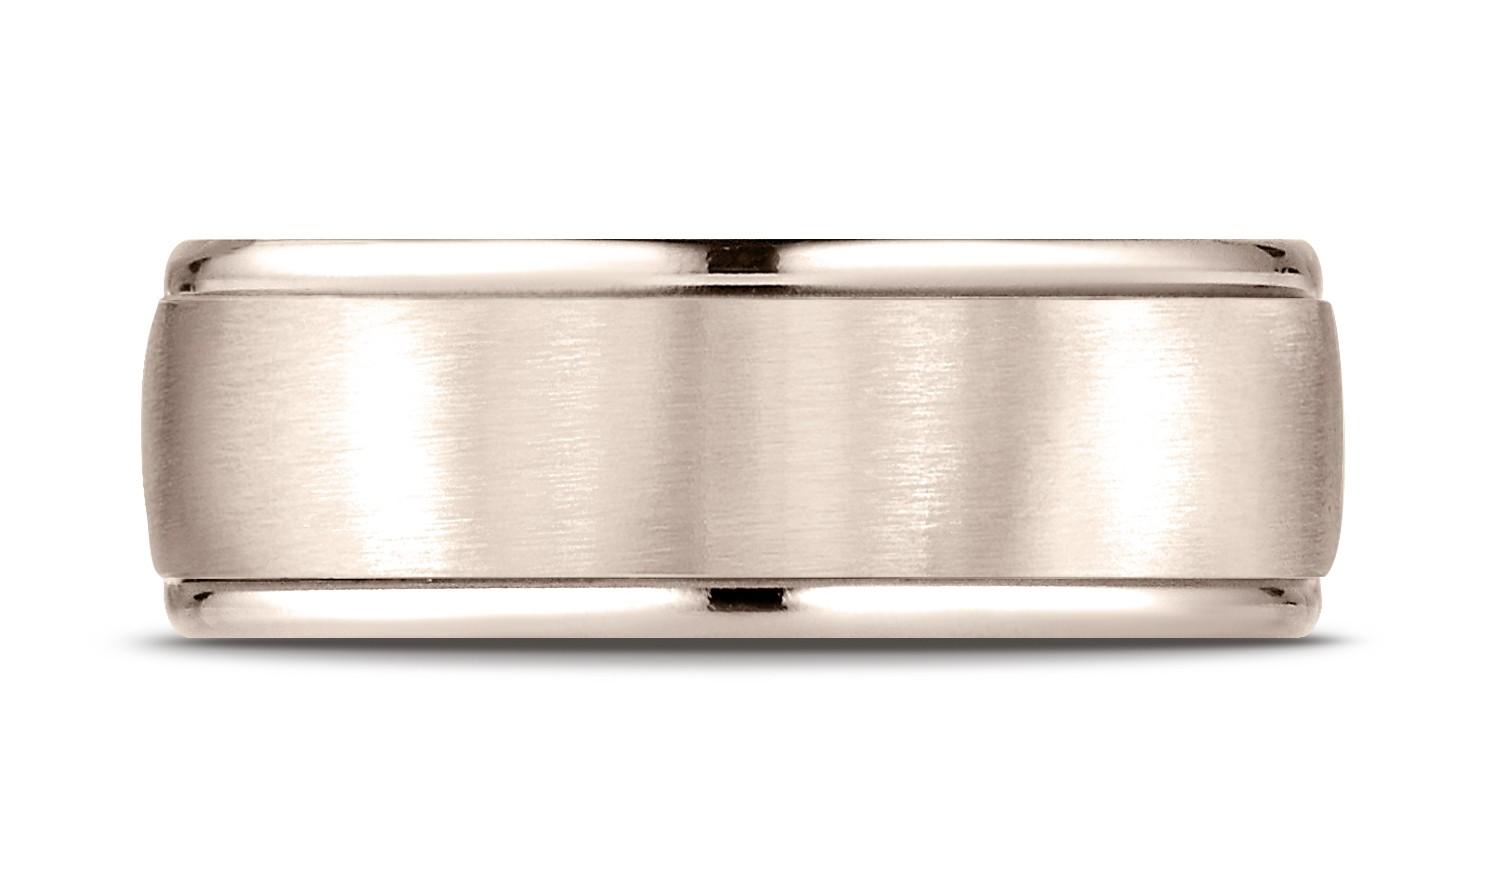 14k Rose Gold 8mm Comfort-fit Satin Finish High Polished Round Edge Carved Design Band